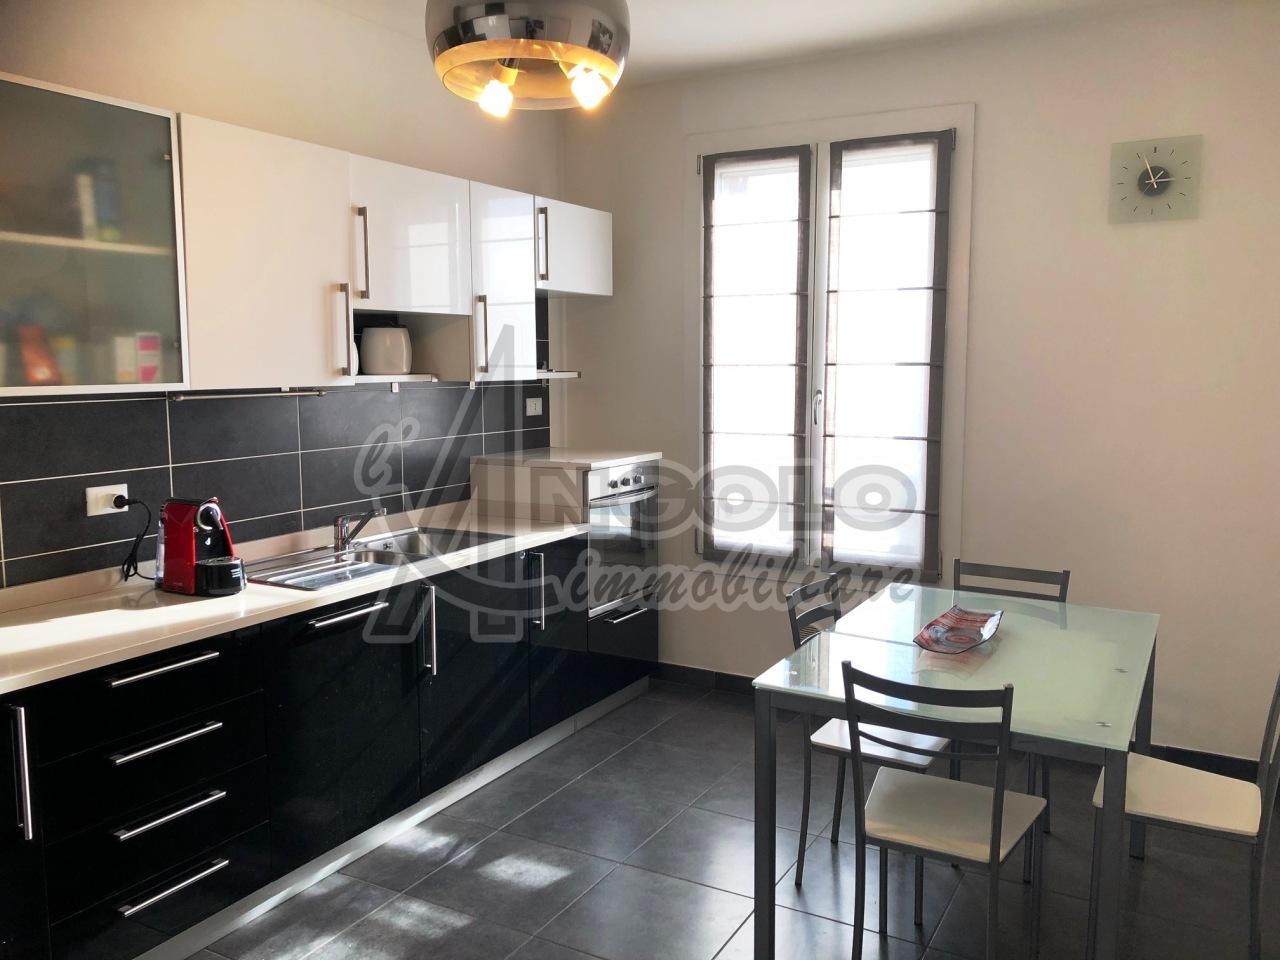 Appartamento in vendita a Stienta, 5 locali, prezzo € 115.000 | CambioCasa.it